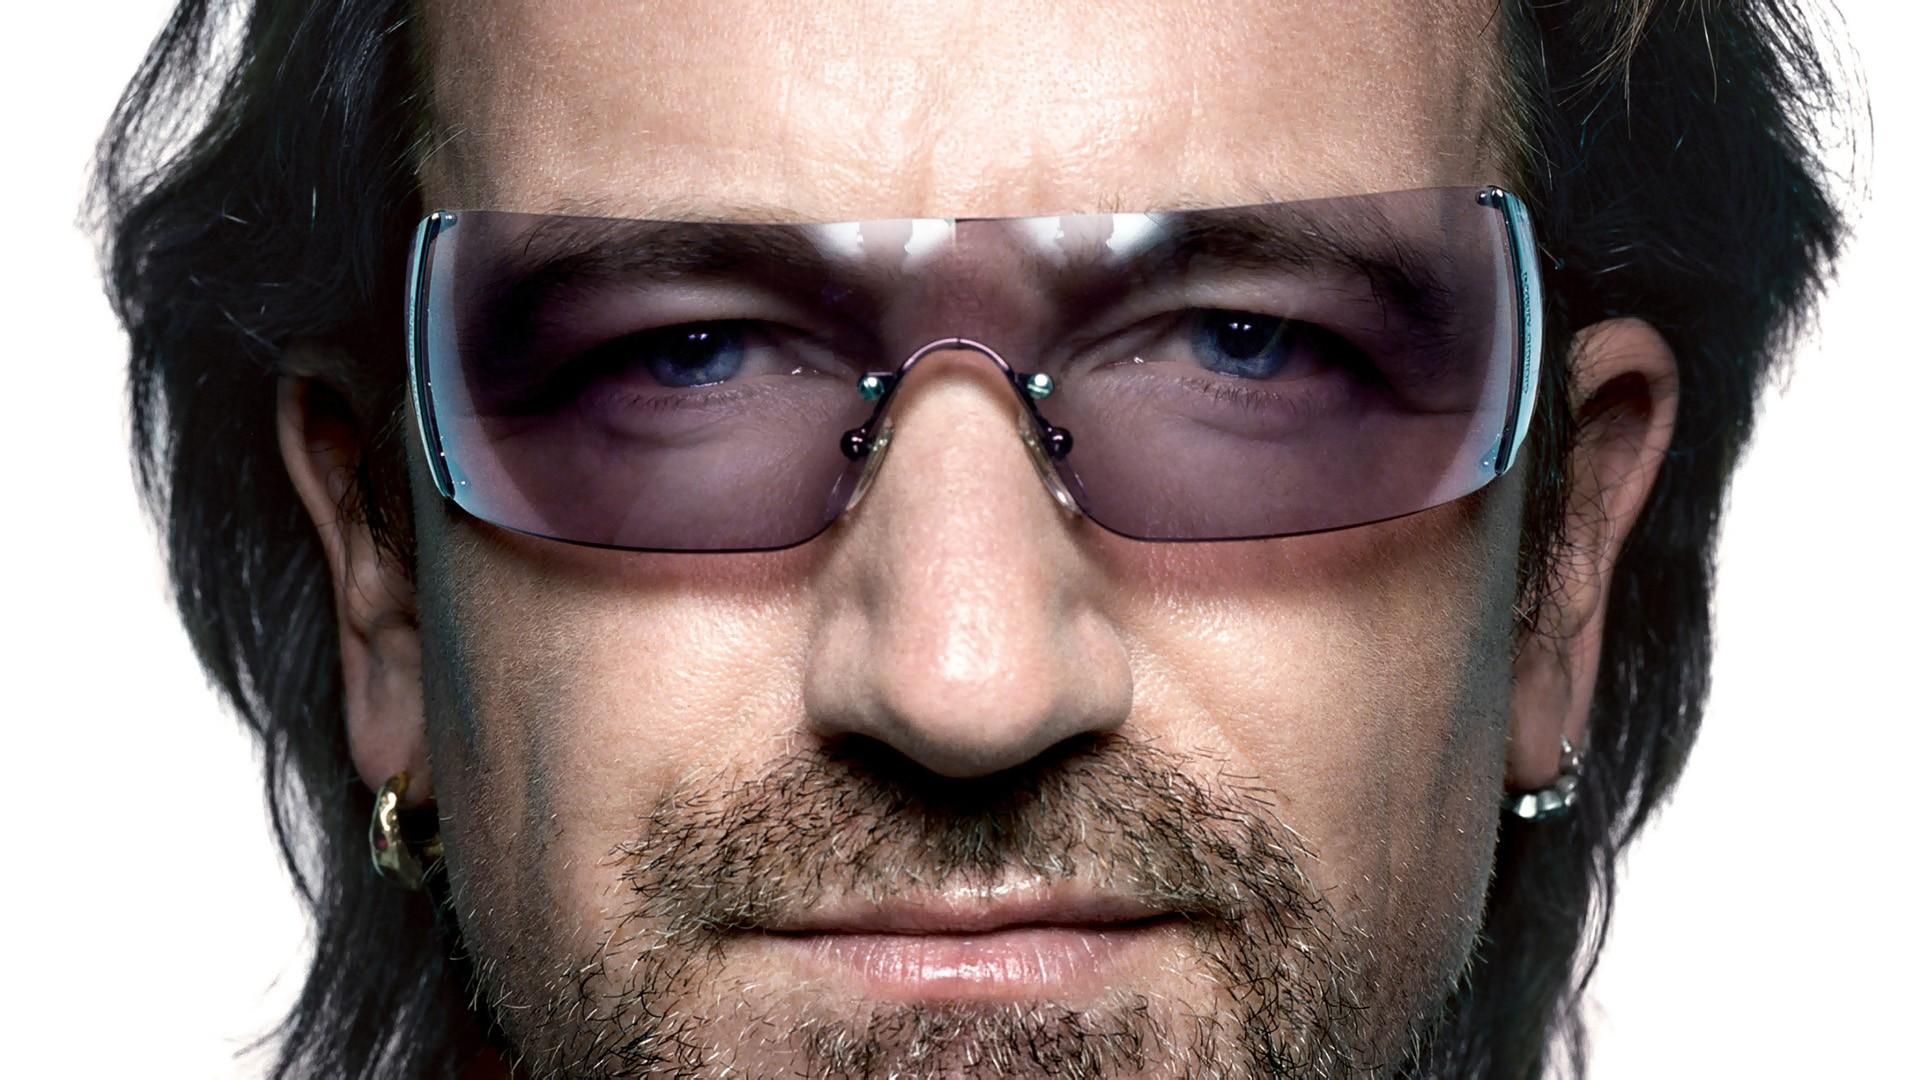 d37381536 ... fotografia do Bono sem os óculos. Sem medo de ousar, o cantor abusa de  cores e parece preferir os modelos tipo máscara. Confira os looks e  inspire-se!